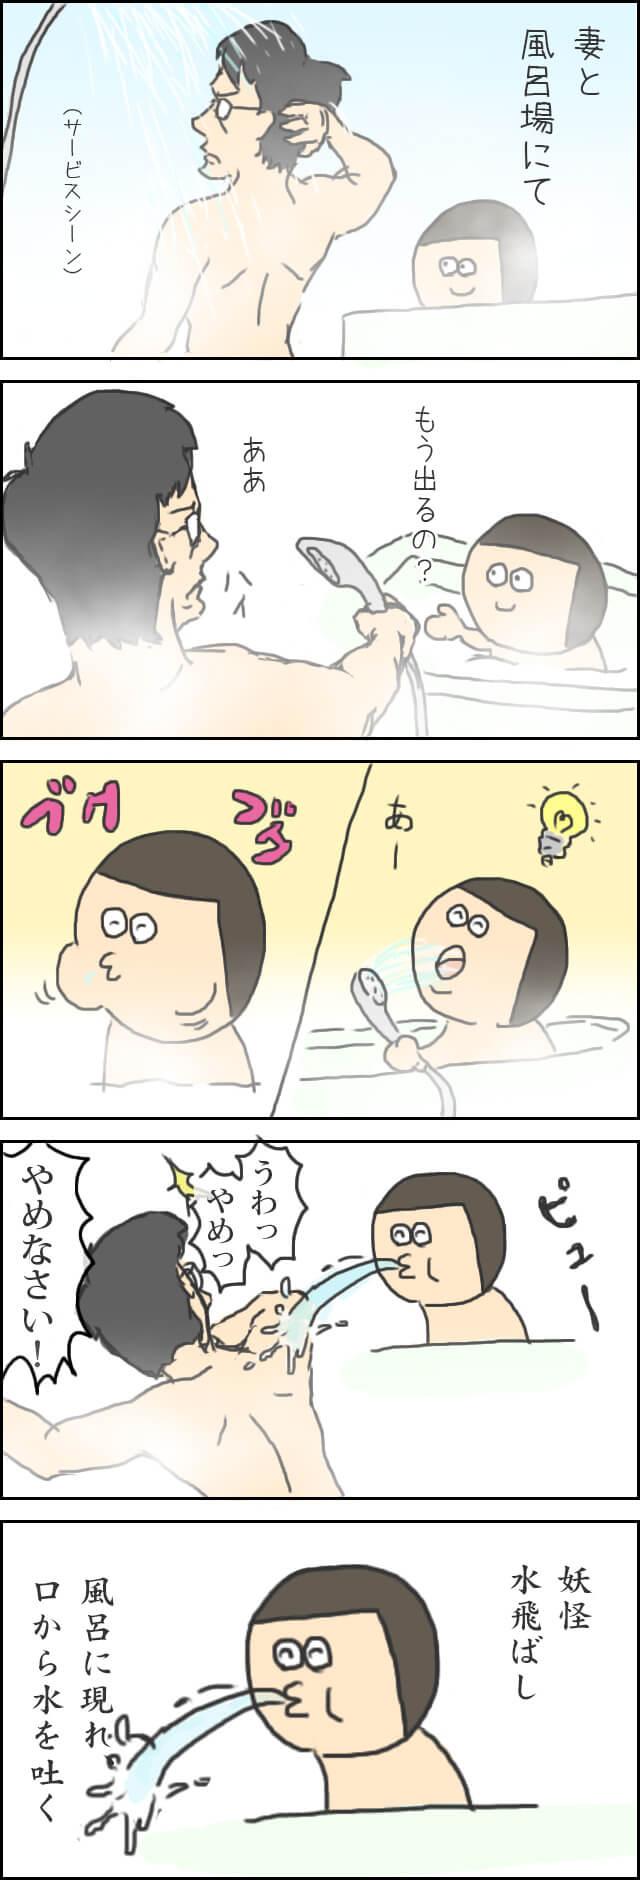 妻 風呂での凶行